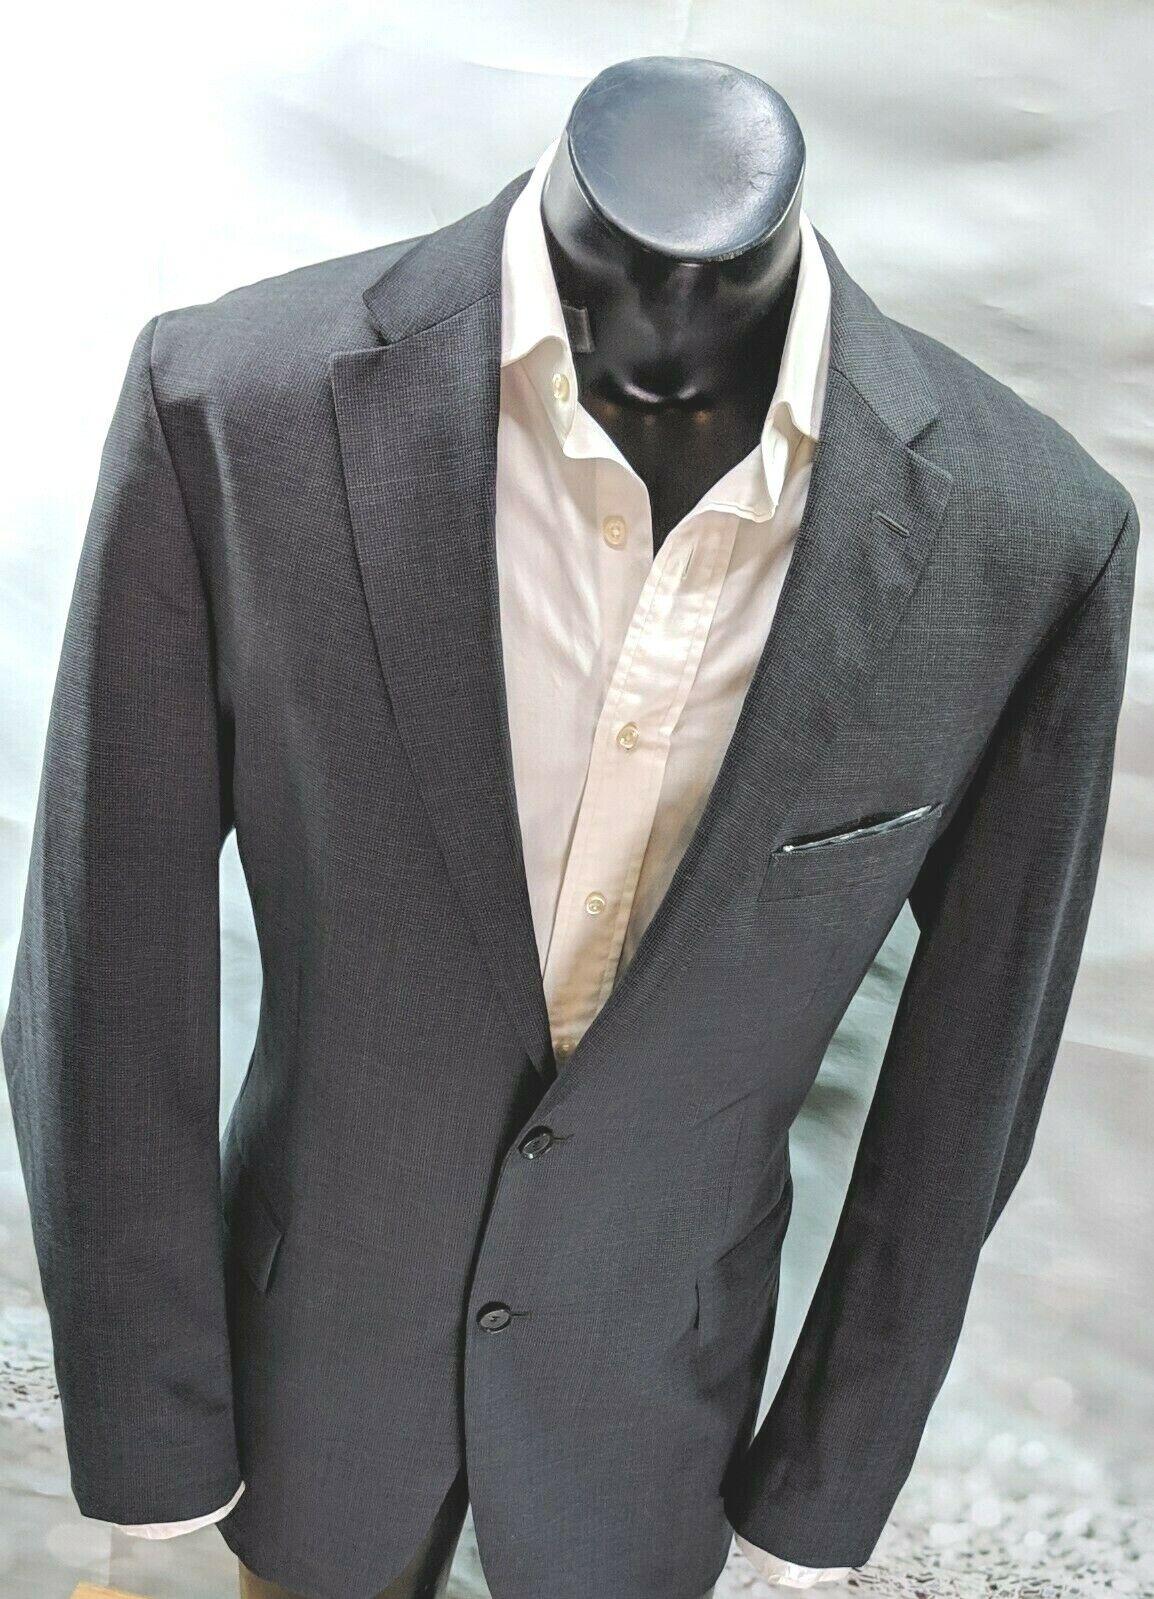 Hugo Boss Men's Blazer 44L  2 button Modern Wool